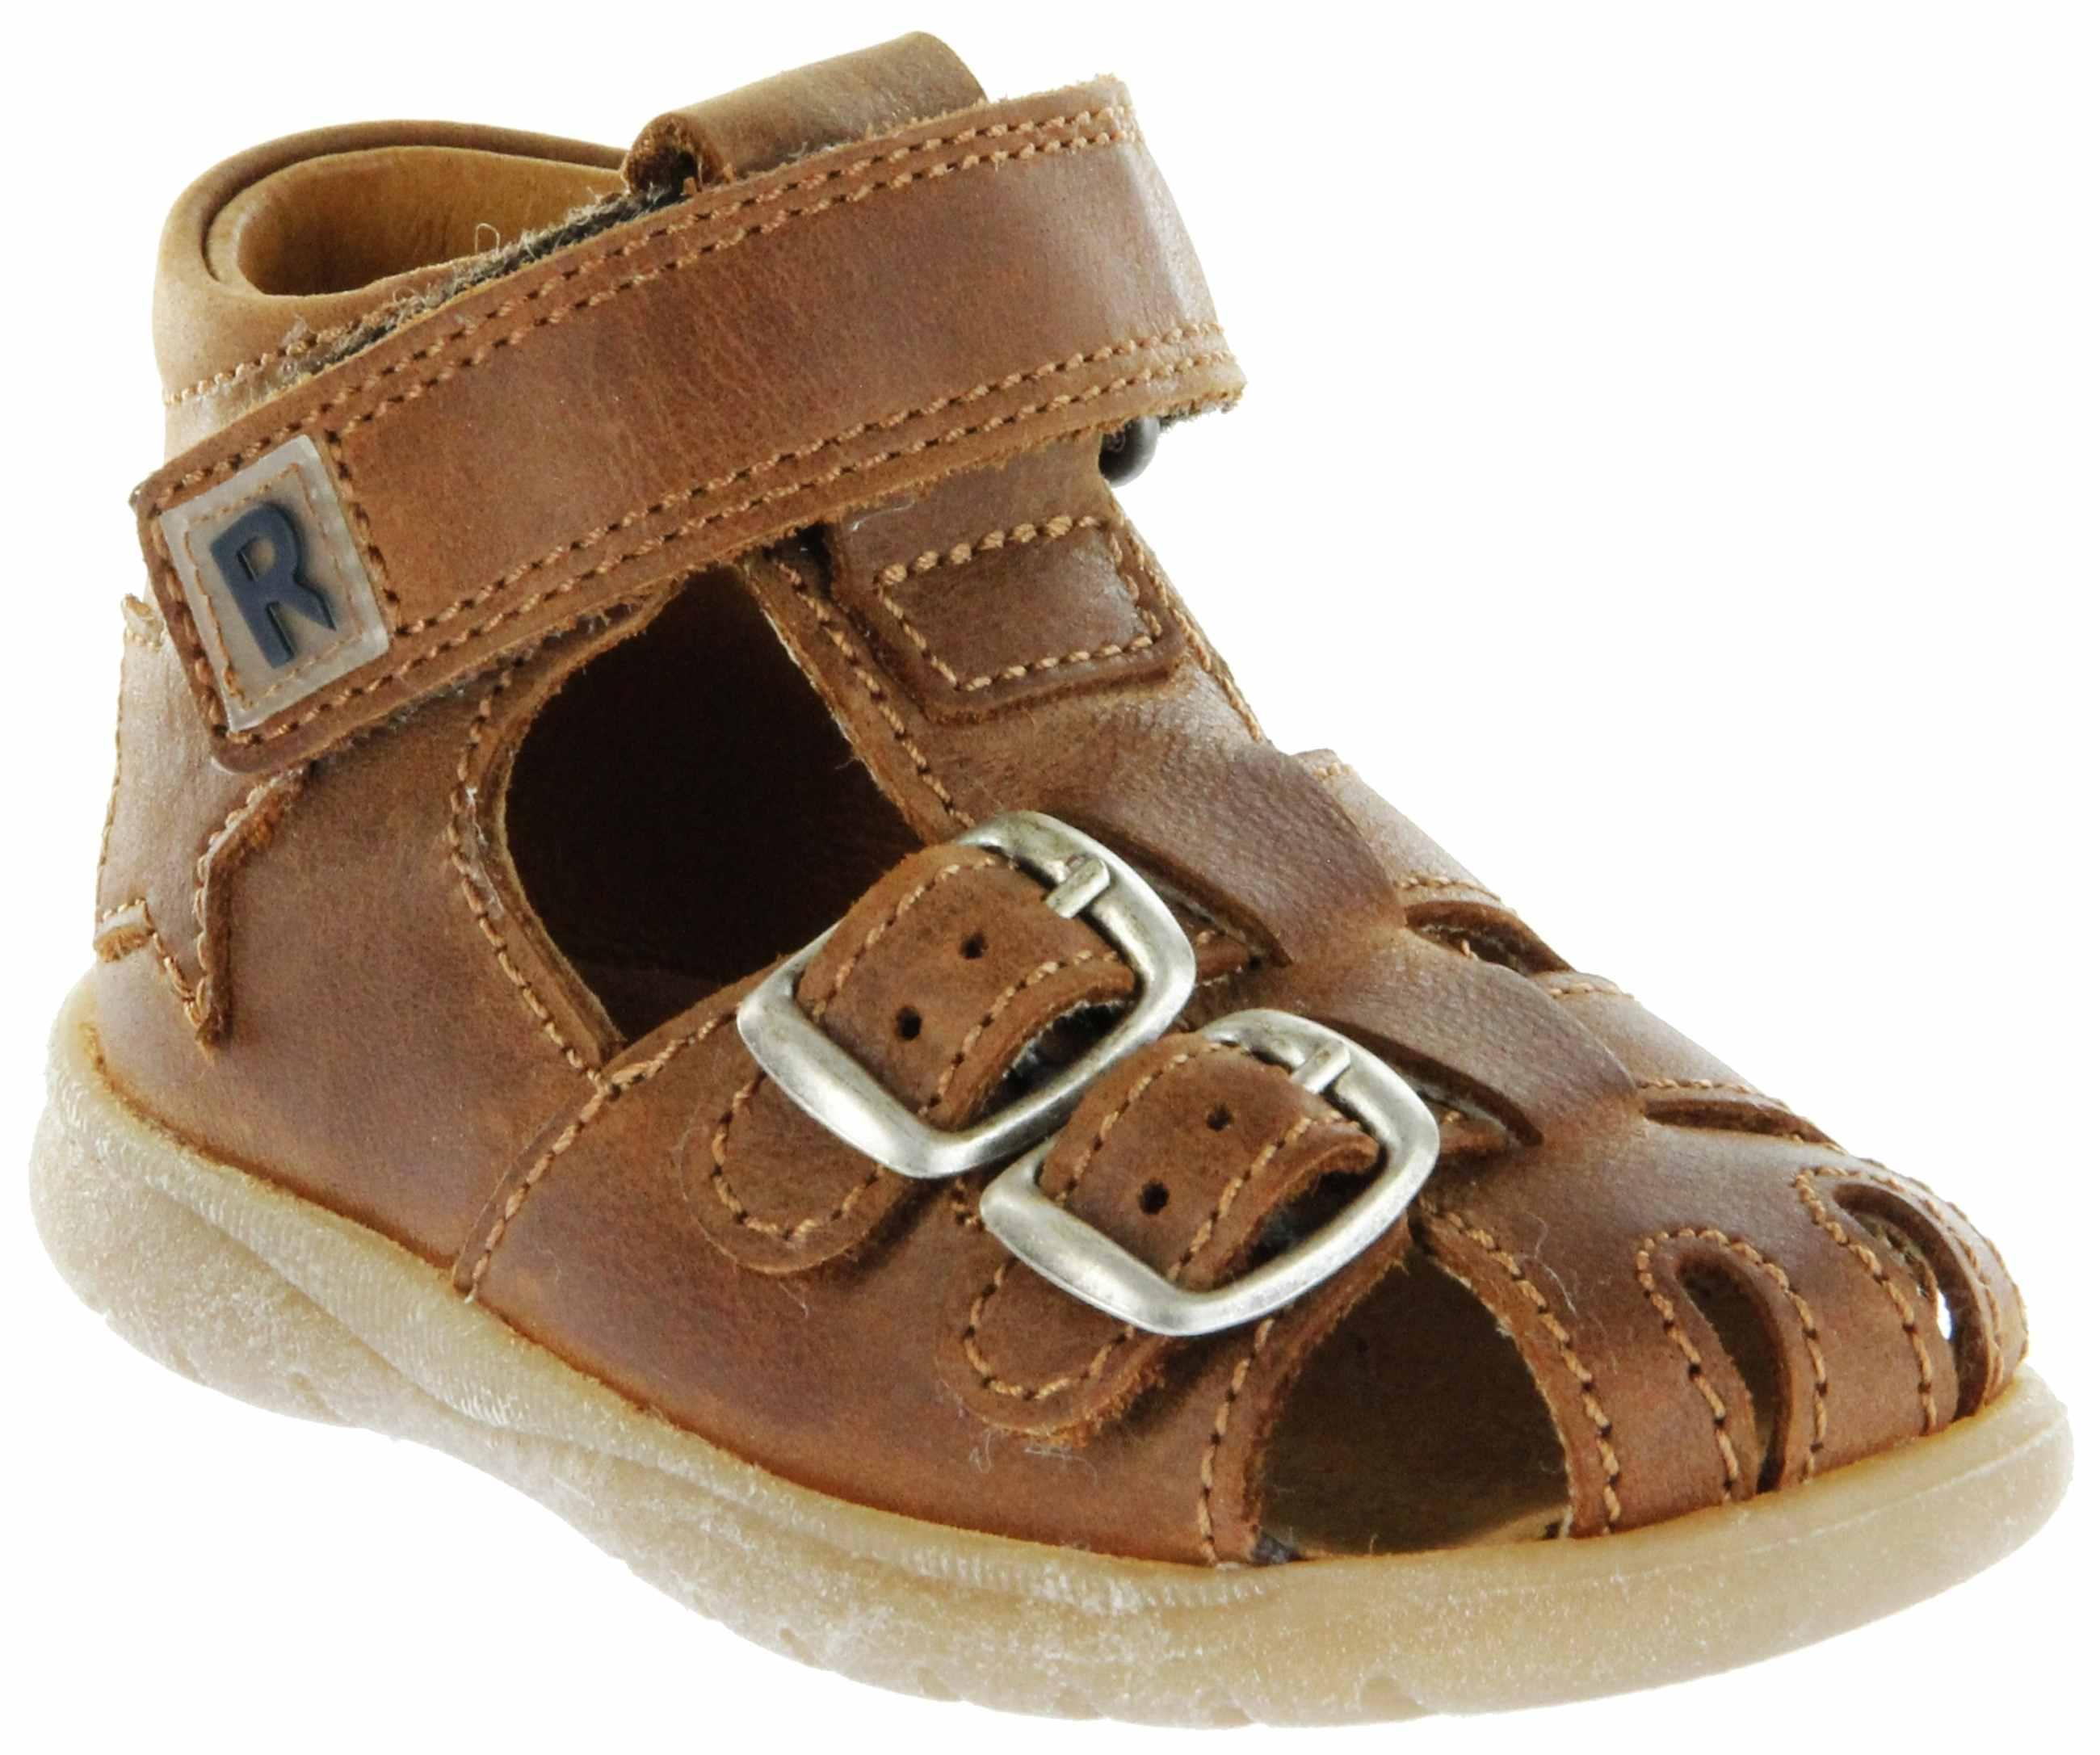 Richter Schuhe Größentabelle Cm